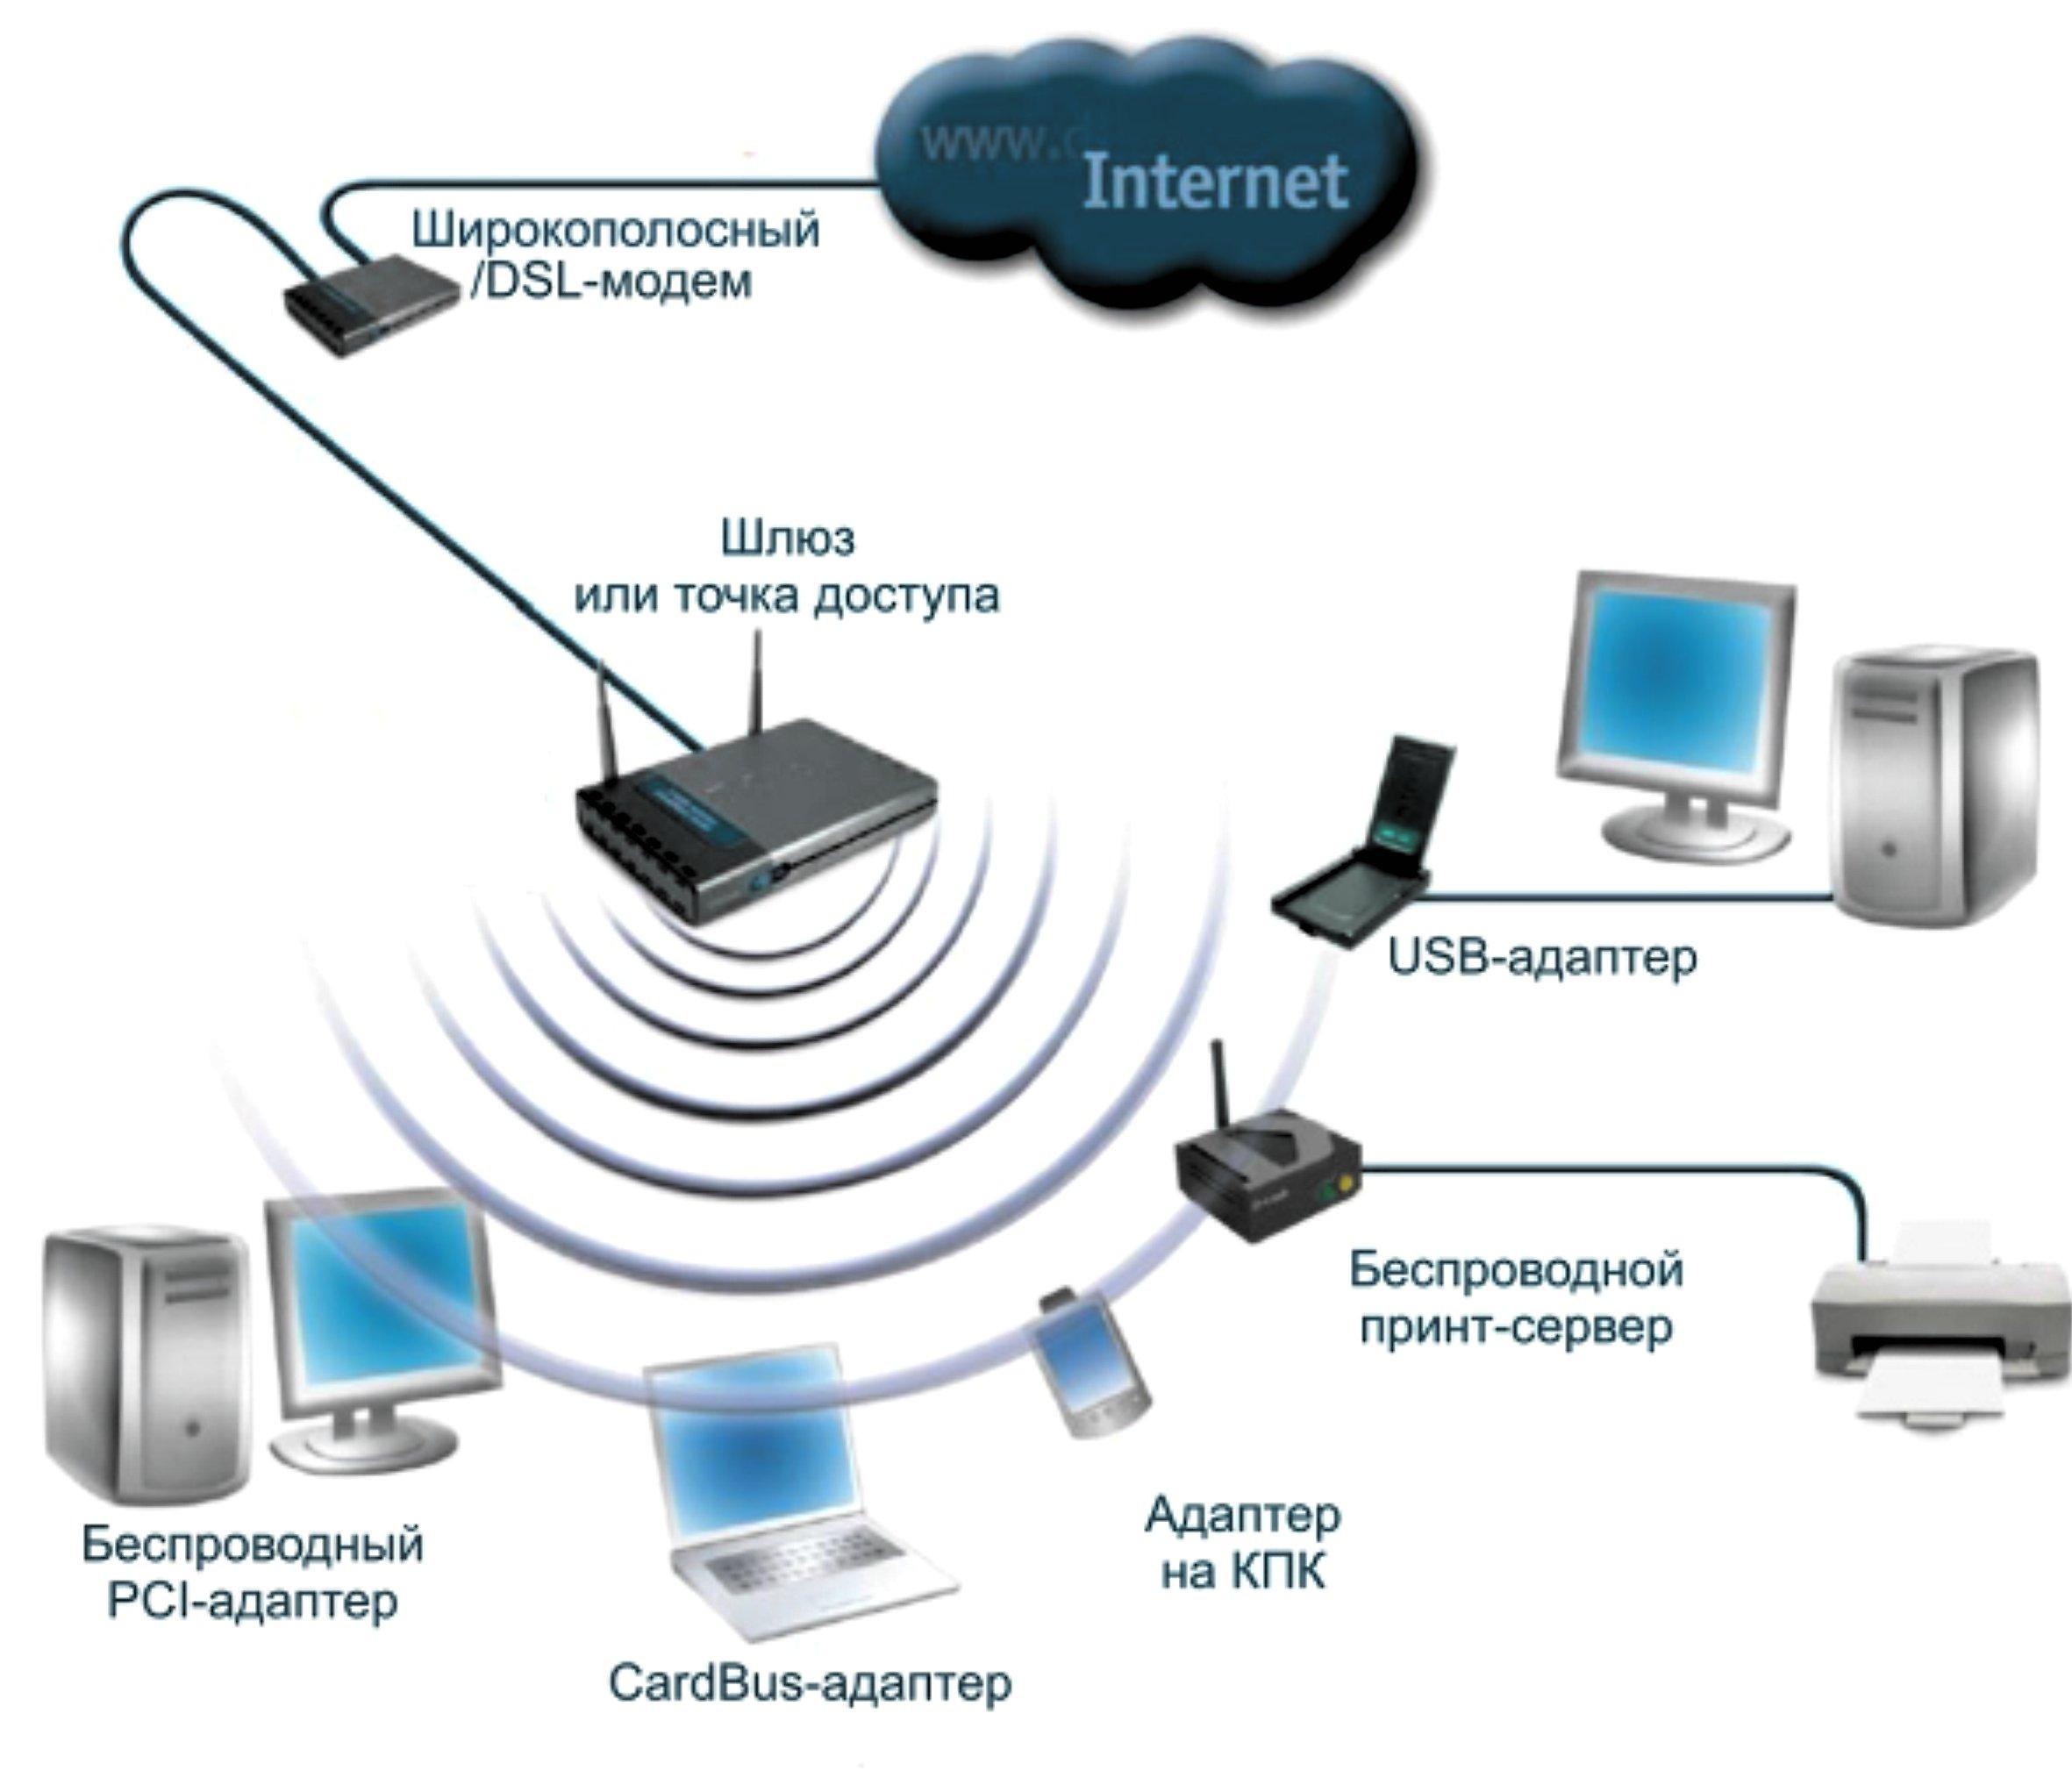 Варианты настройки беспроводного доступа в интернет